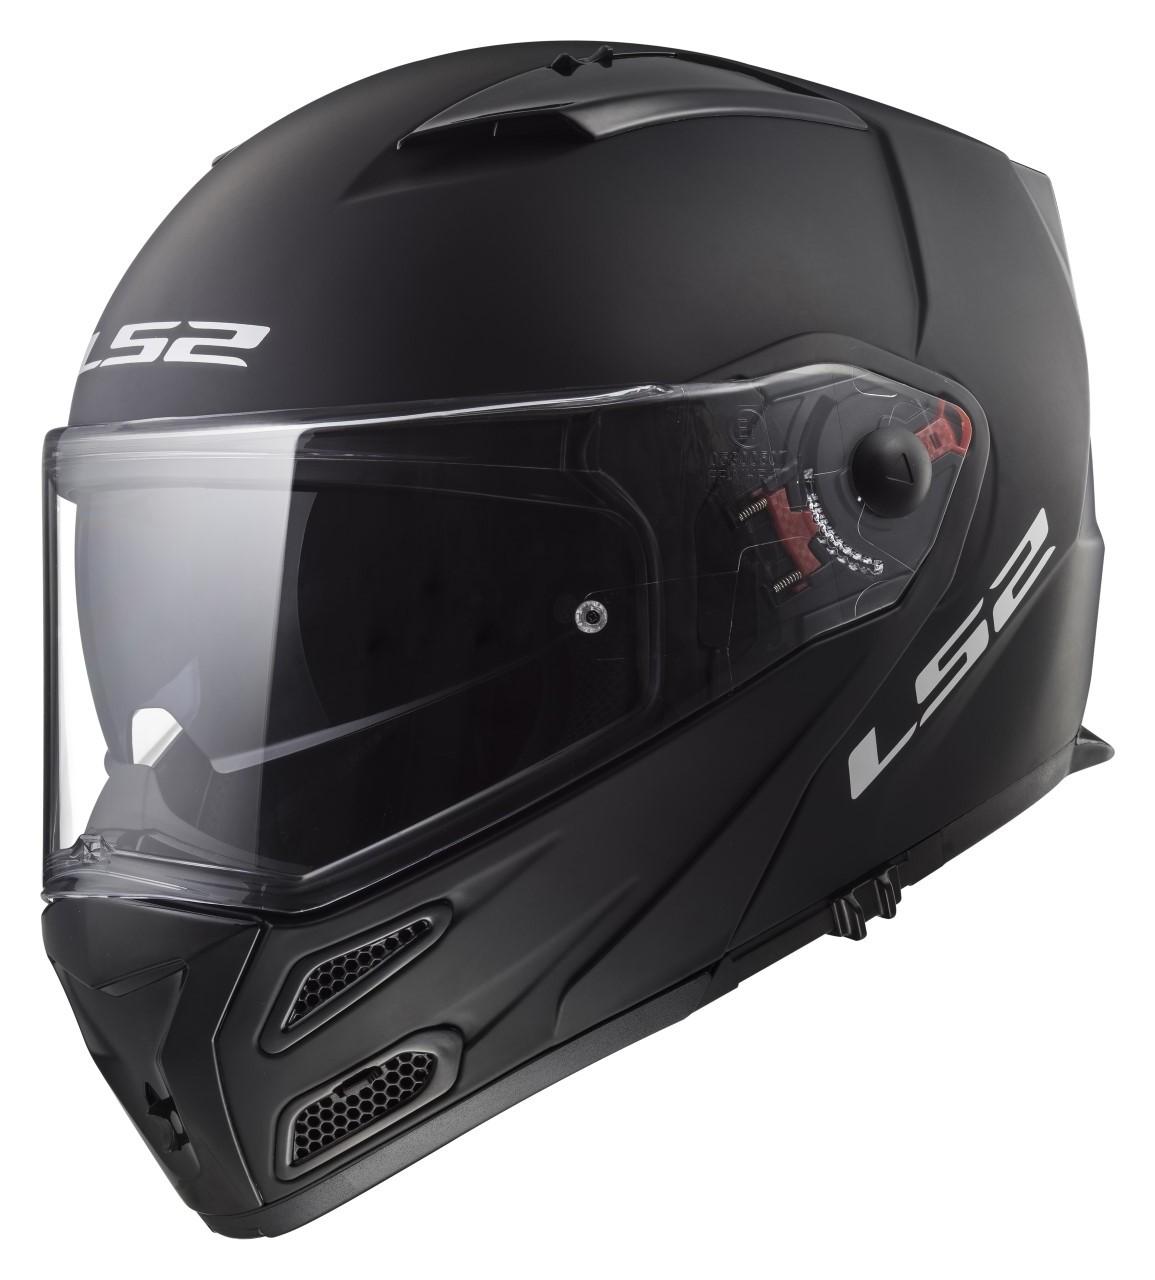 Ls2 metro v3 helmet 20 44 00 off revzilla